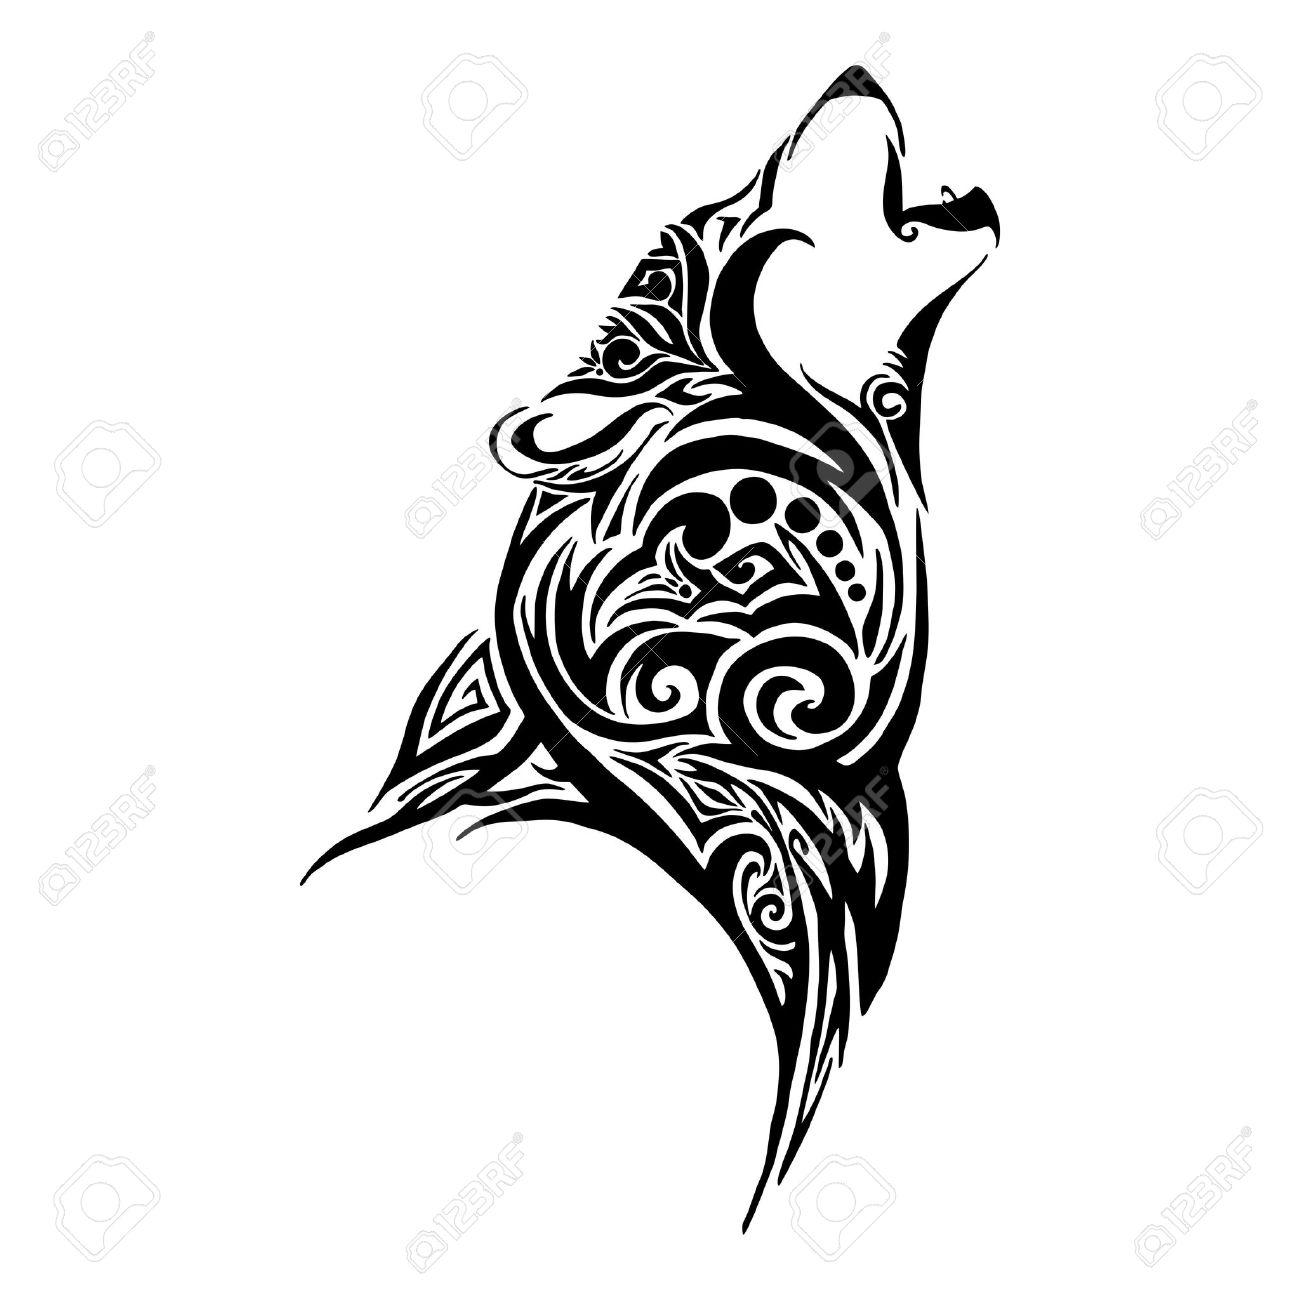 Loup Conception Tete De Hurler Pour Le Vecteur De Tatouage Tribal